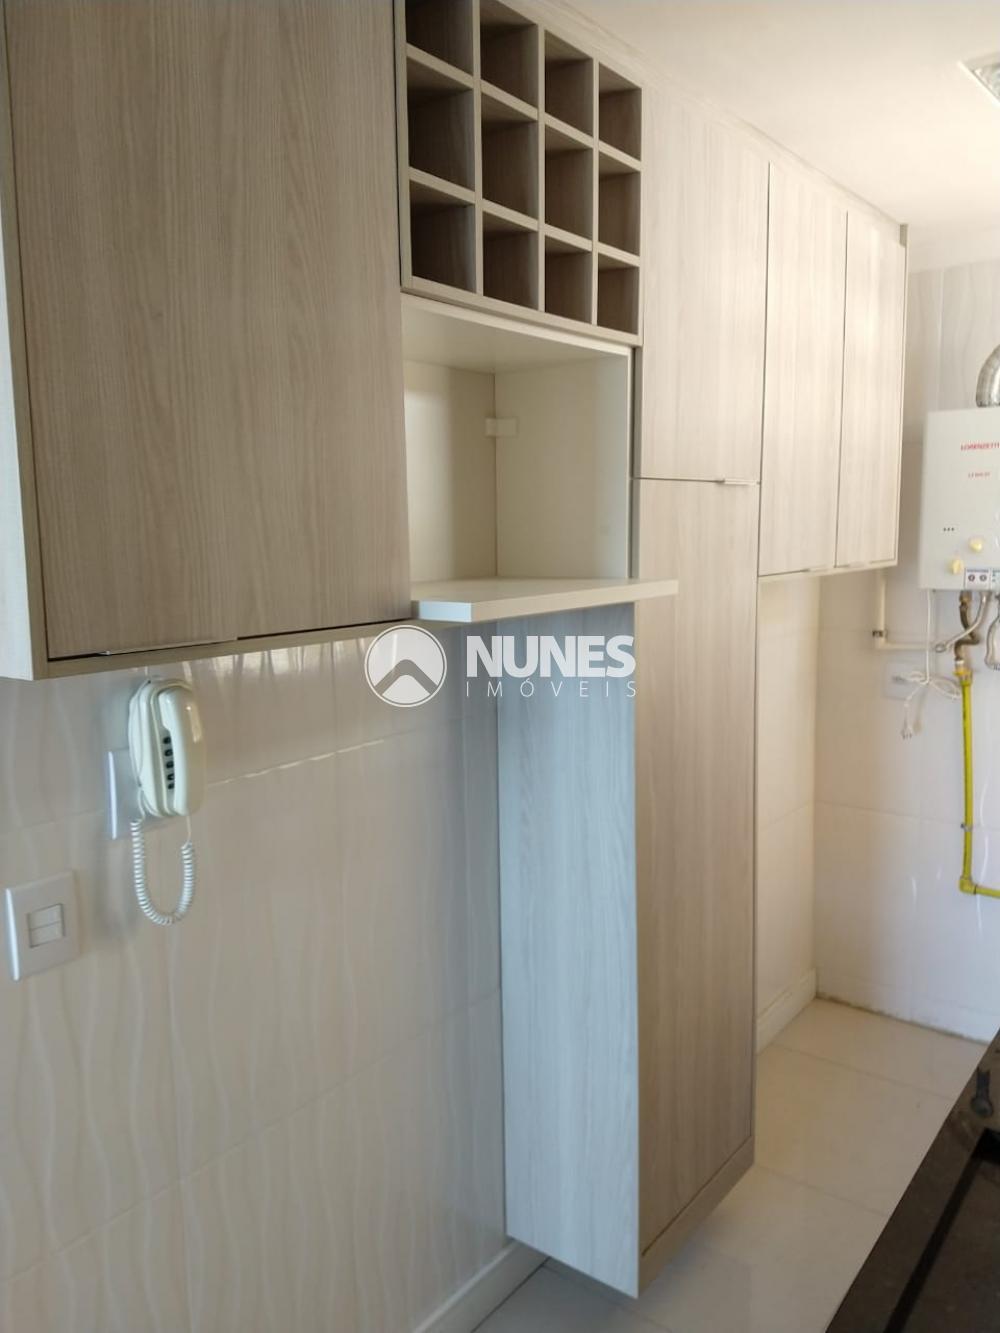 Comprar Apartamento / Padrão em Osasco apenas R$ 220.000,00 - Foto 7